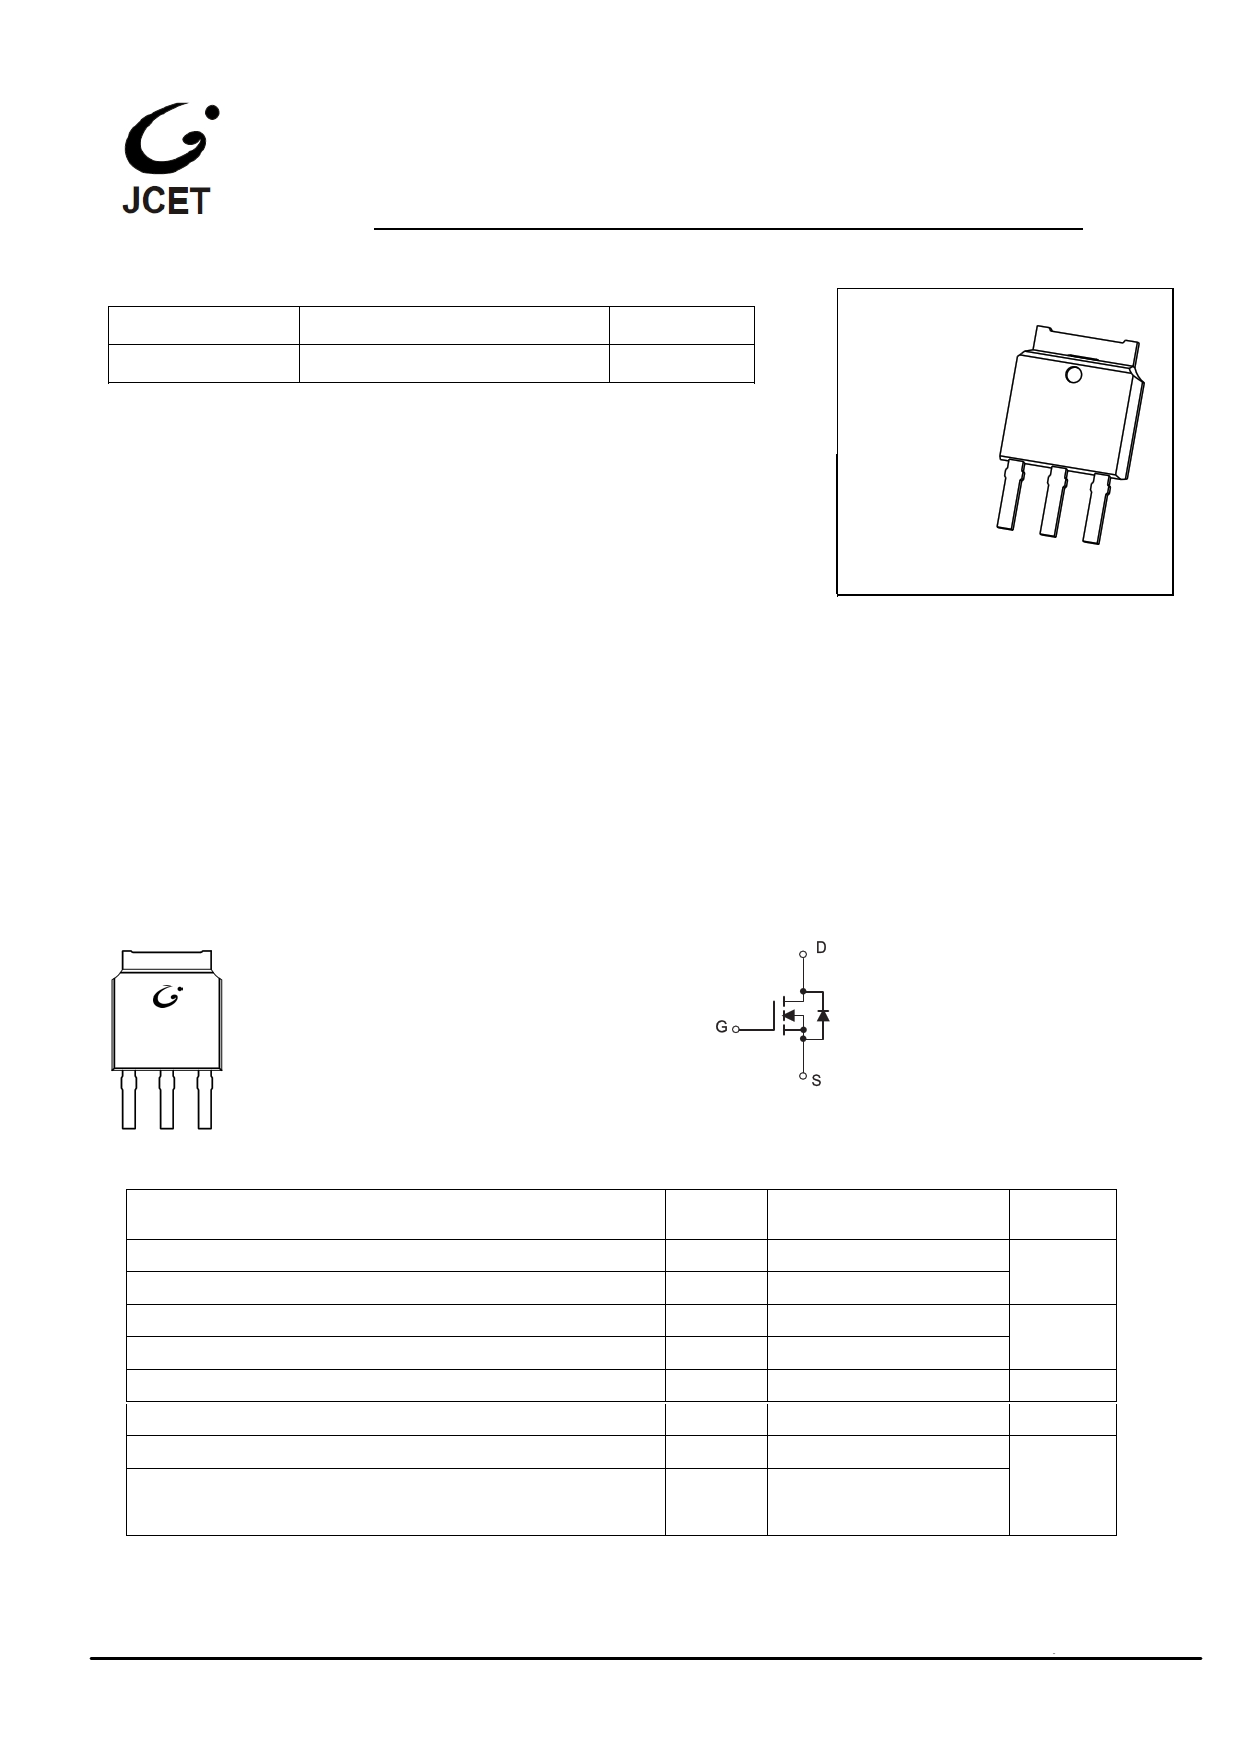 CJD04N60 دیتاشیت PDF